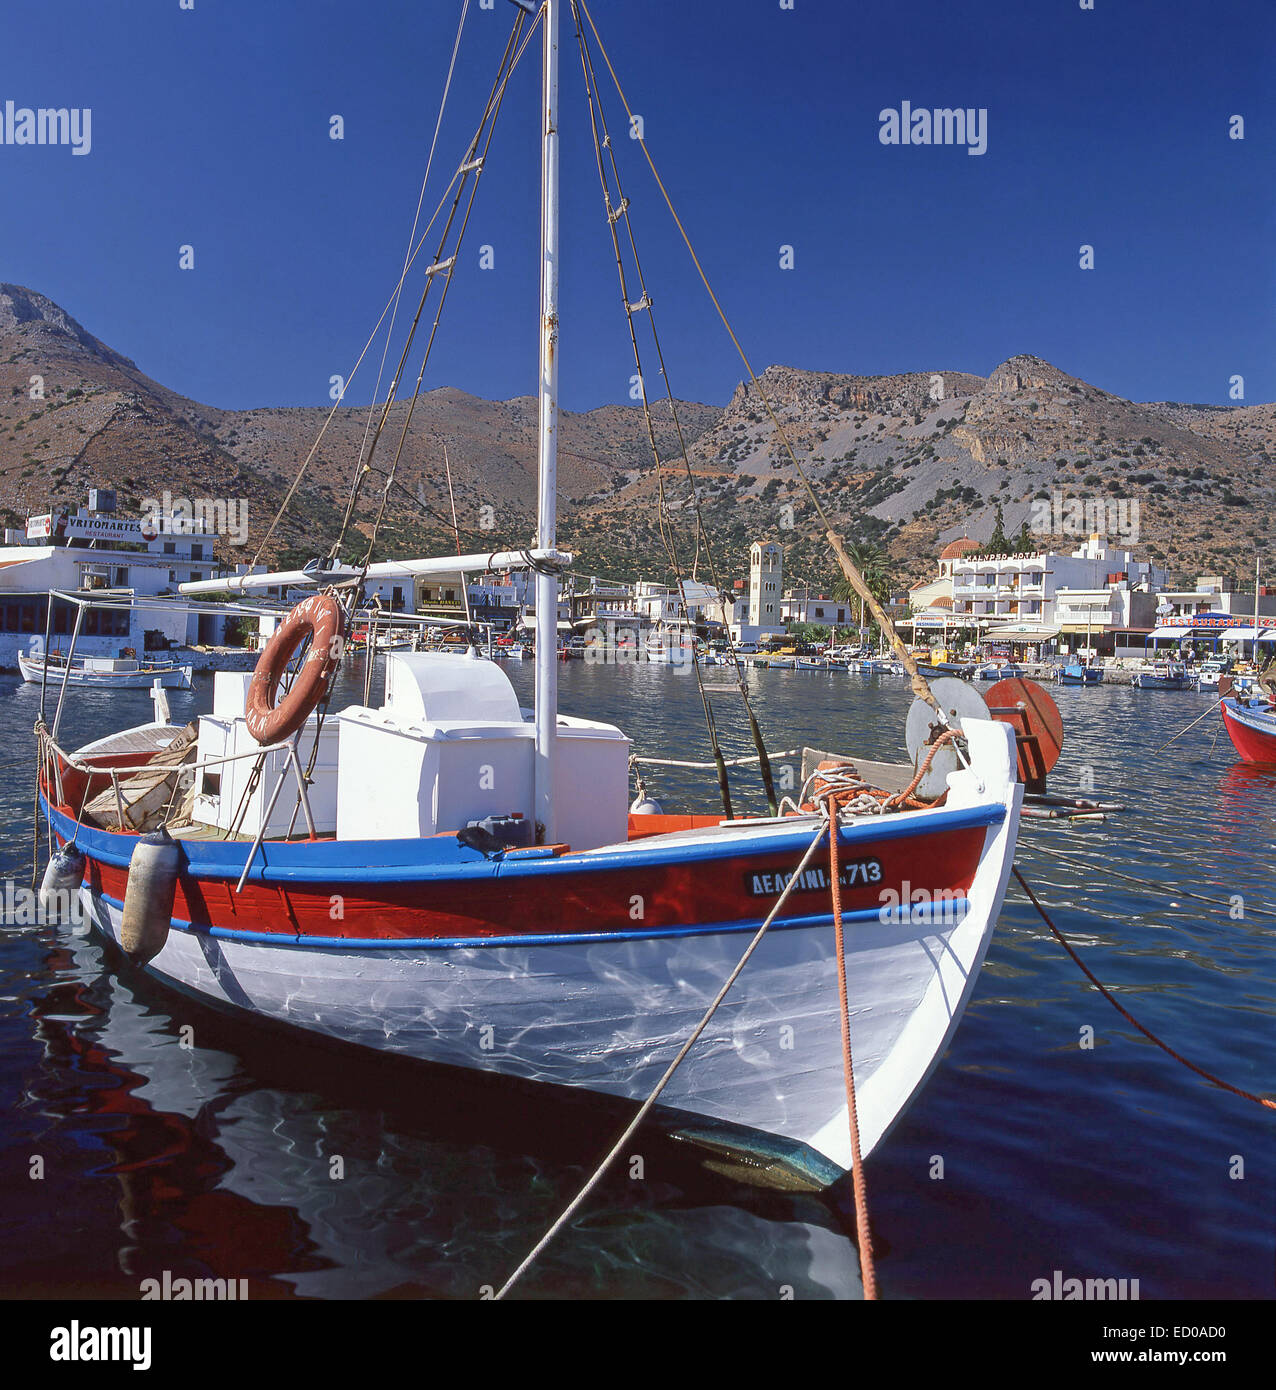 Bateau de pêche colorés dans le port, Elounda, Λασίθι, Crète, Grèce Photo Stock